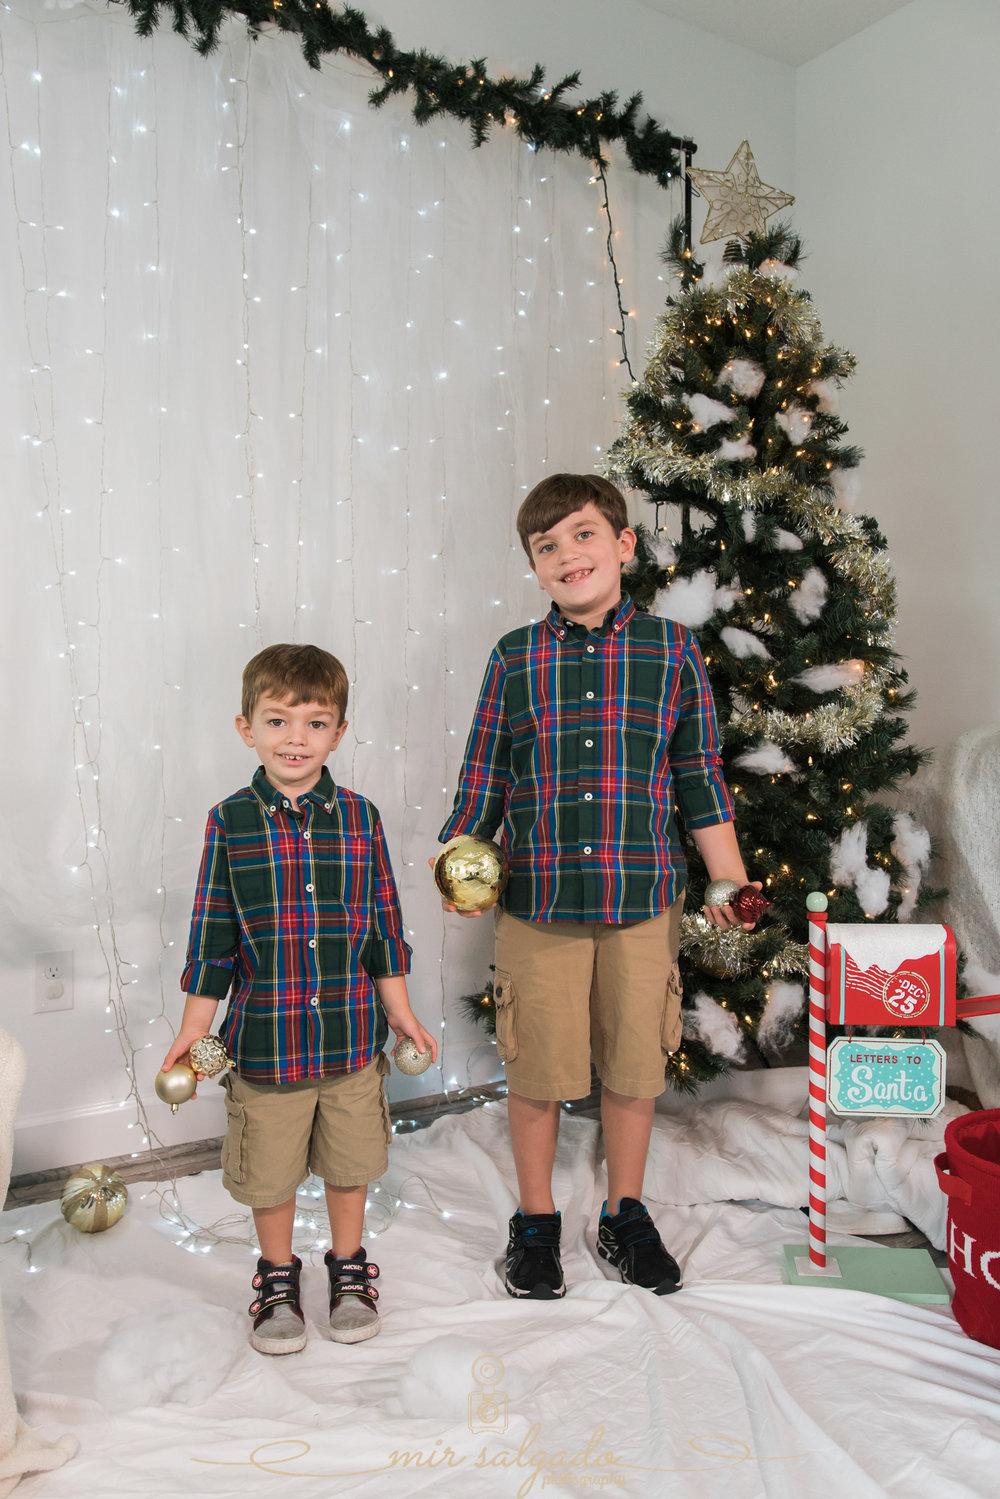 home-christmas-photoshoot, christmas-session, tampa-christmas-session, tampa-christmas photo-session